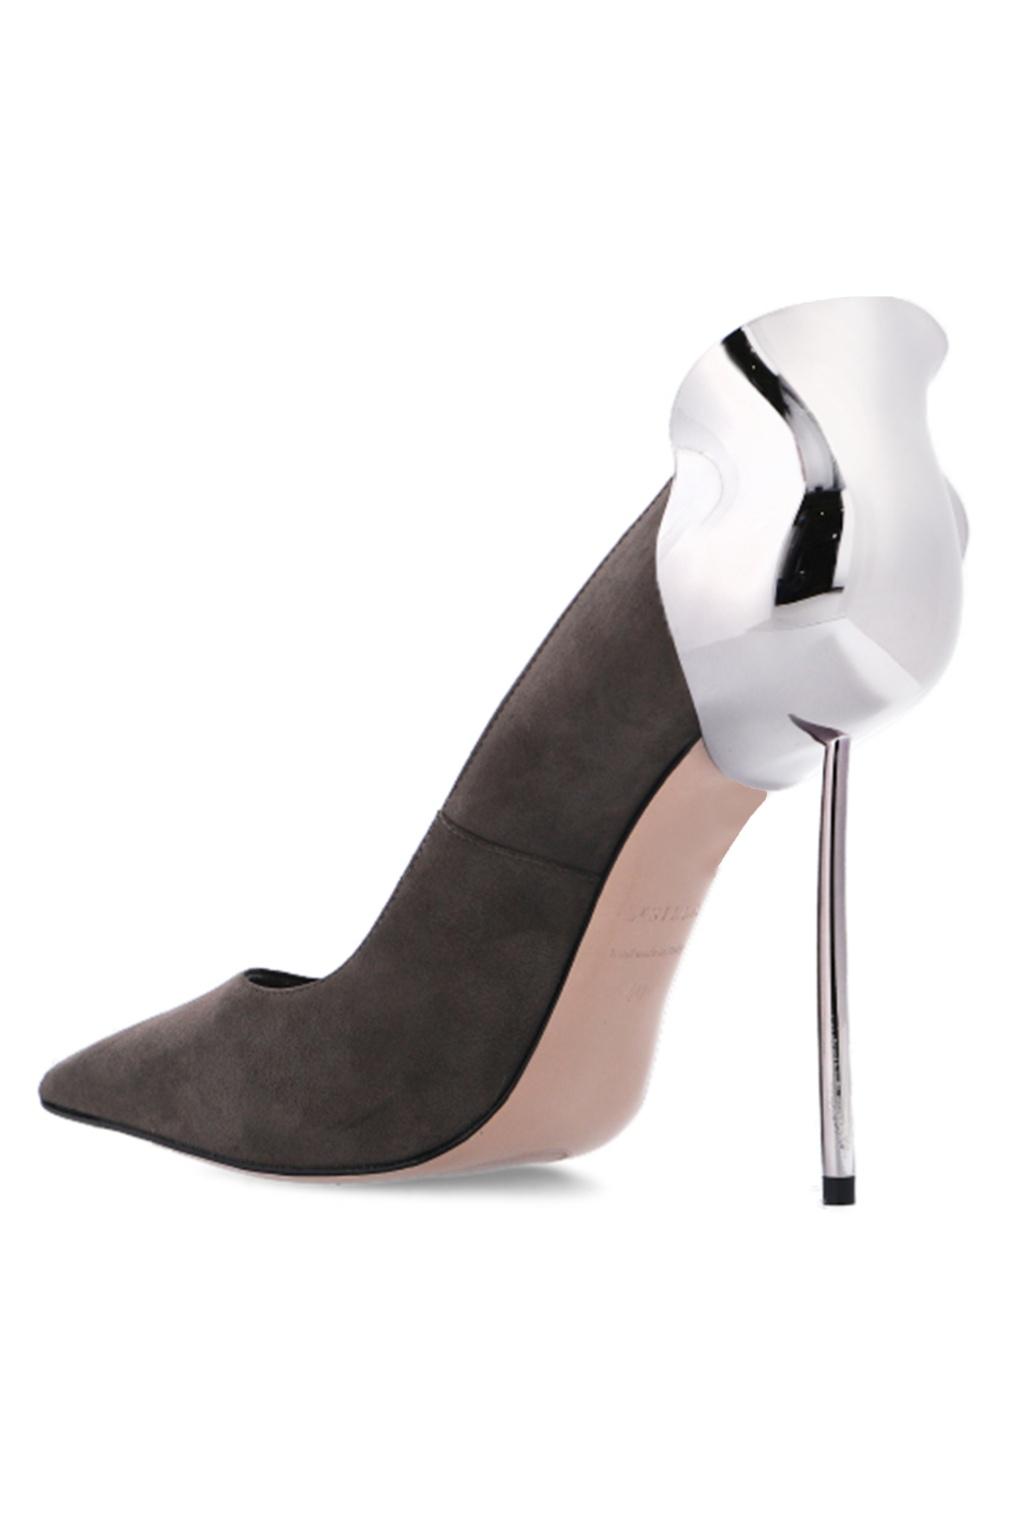 Le Silla 'Petalo' stiletto pumps